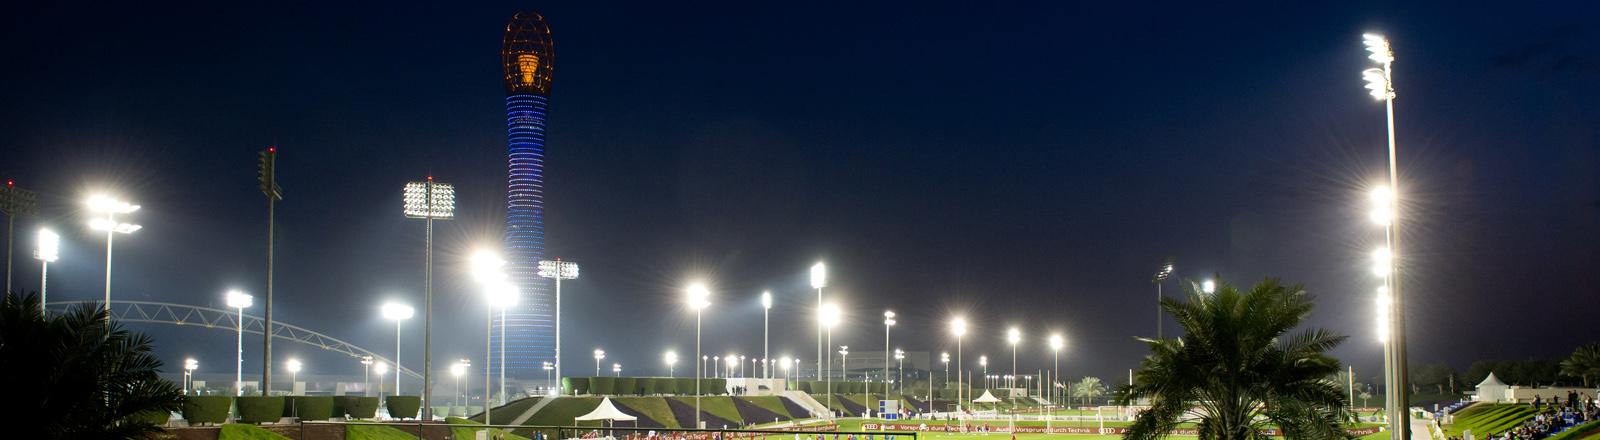 Der Aspire Tower beim Trainingsquatier in Katar